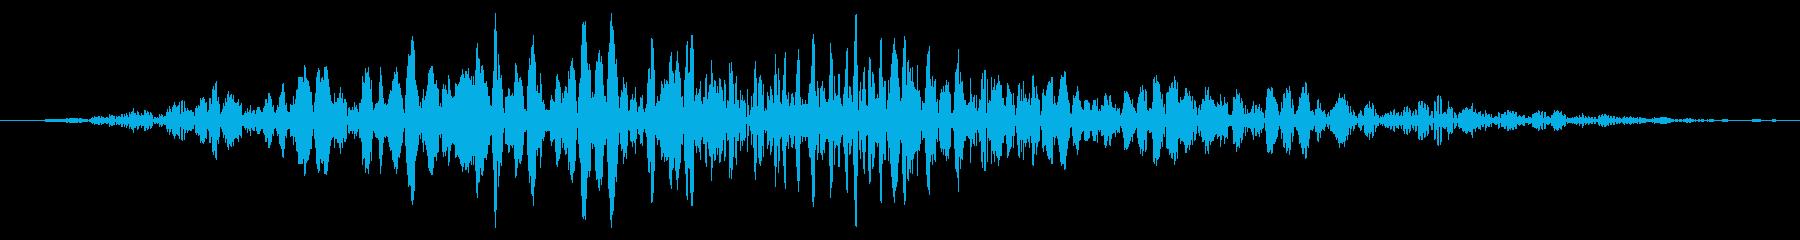 ワーム モンスター キャラタップ 考え中の再生済みの波形